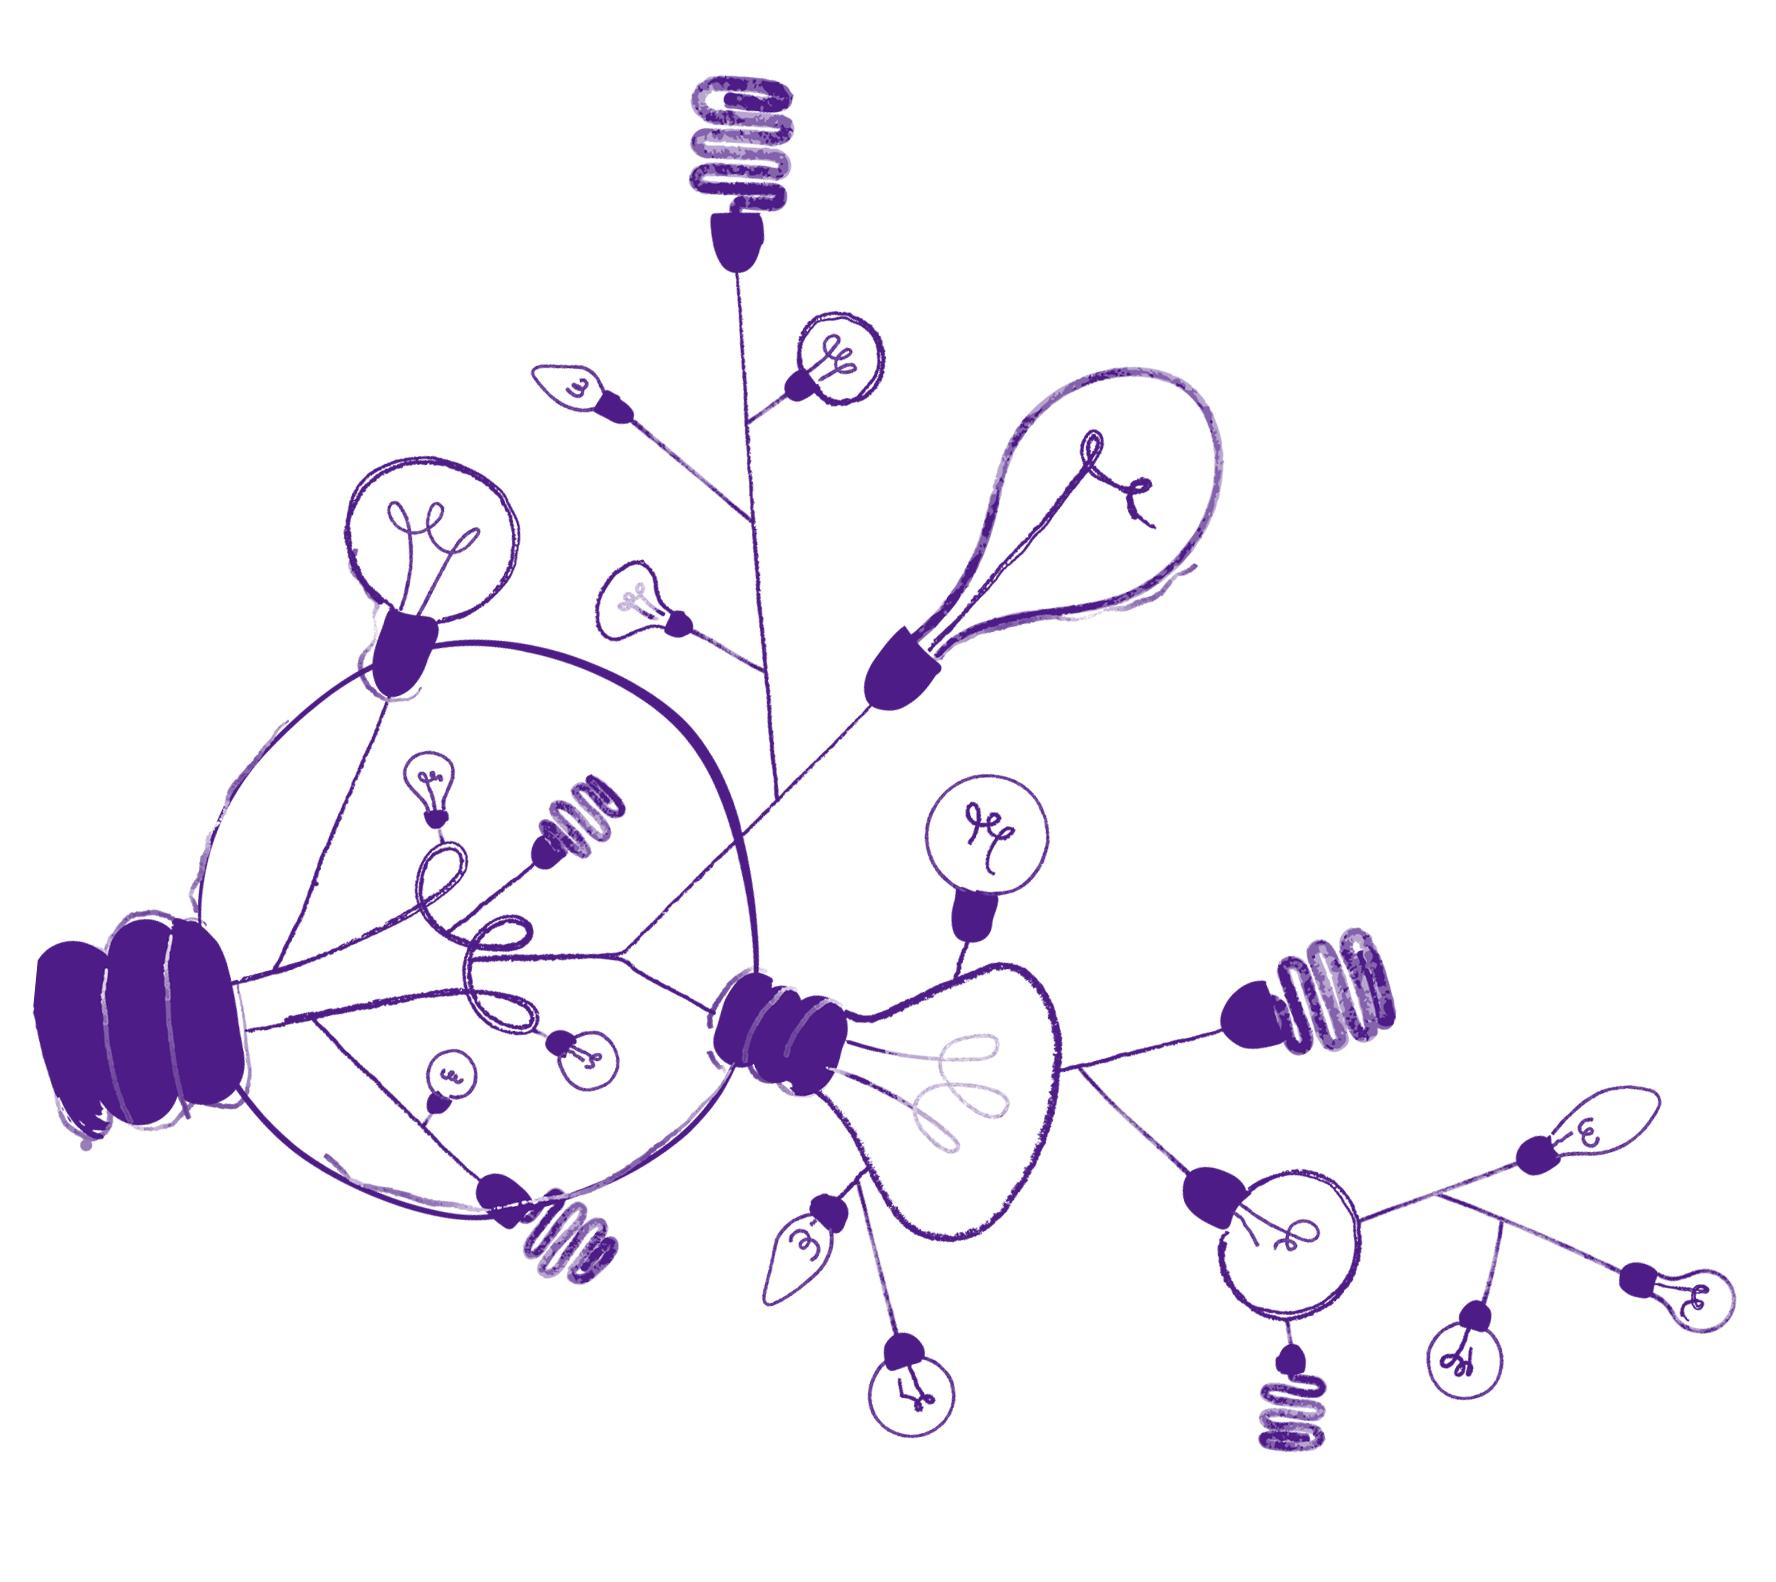 Rysunek tuzina zapalonych żarówek połączonych ze sobą na wzór konaru drzewa